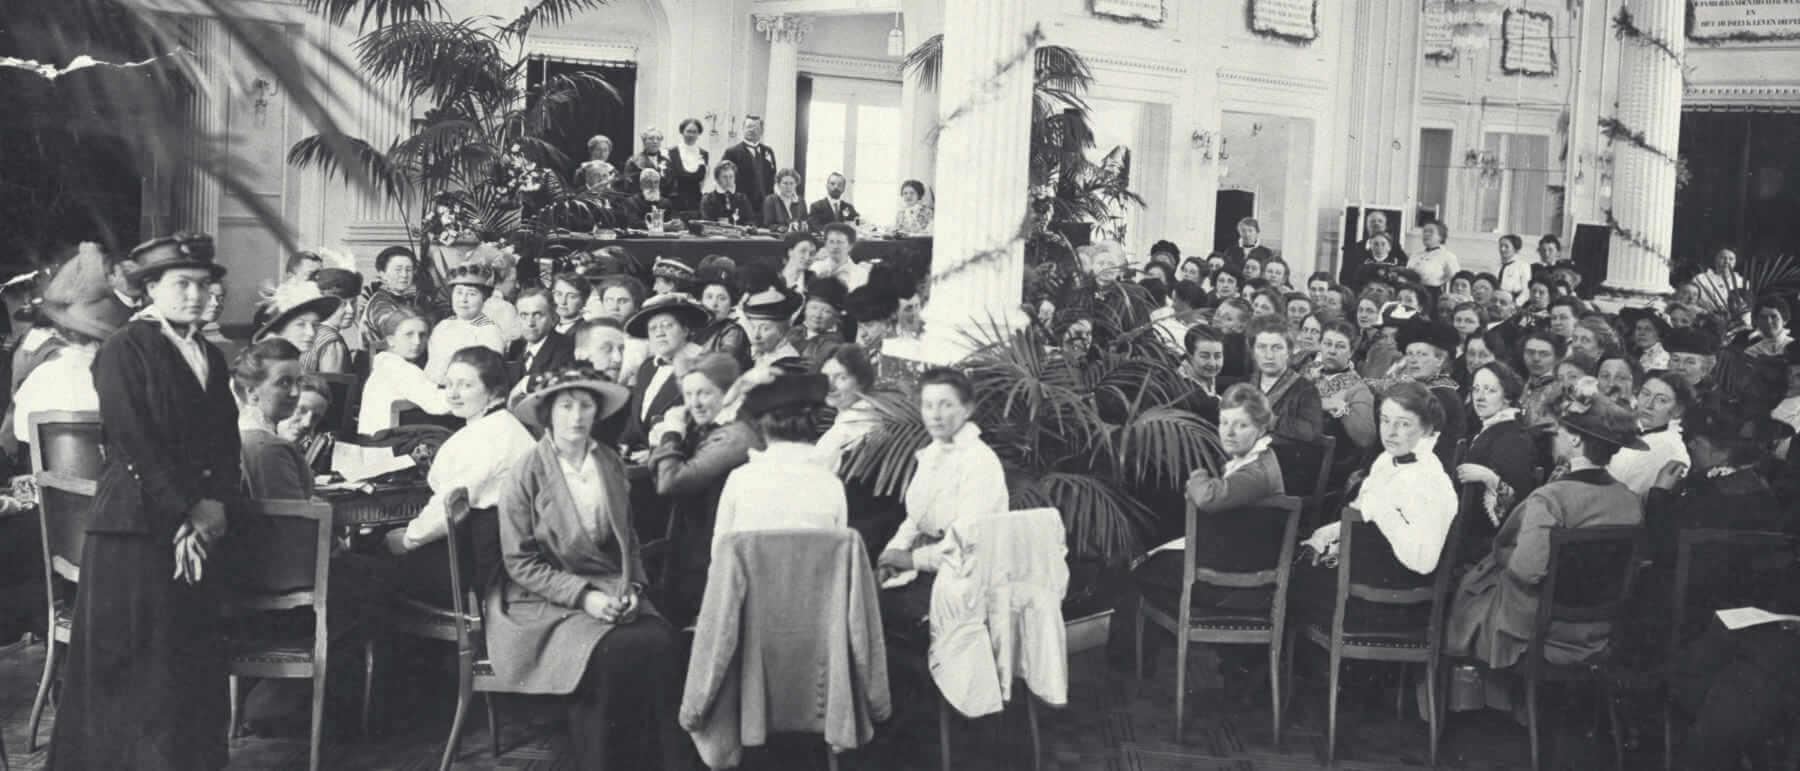 onbekend © Collectie IAV-Atria, kennisinstituut voor emancipatie en vrouwengeschiedenis